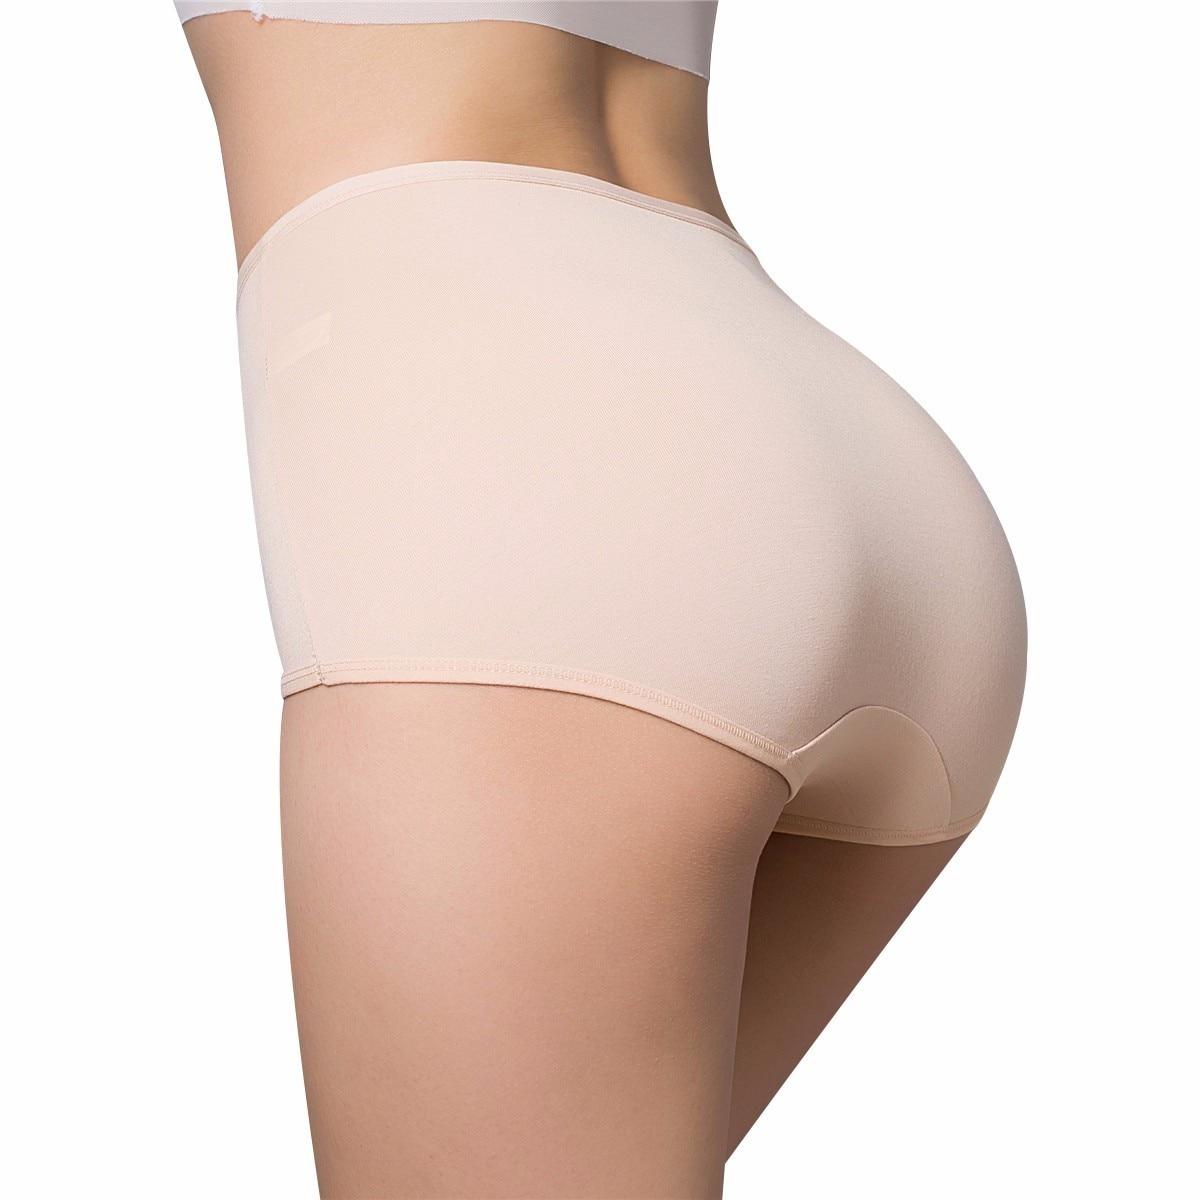 2020 winte intimate calcinha feminina maam am cintura alta triângulo cueca sem costura sexy cuecas naturais